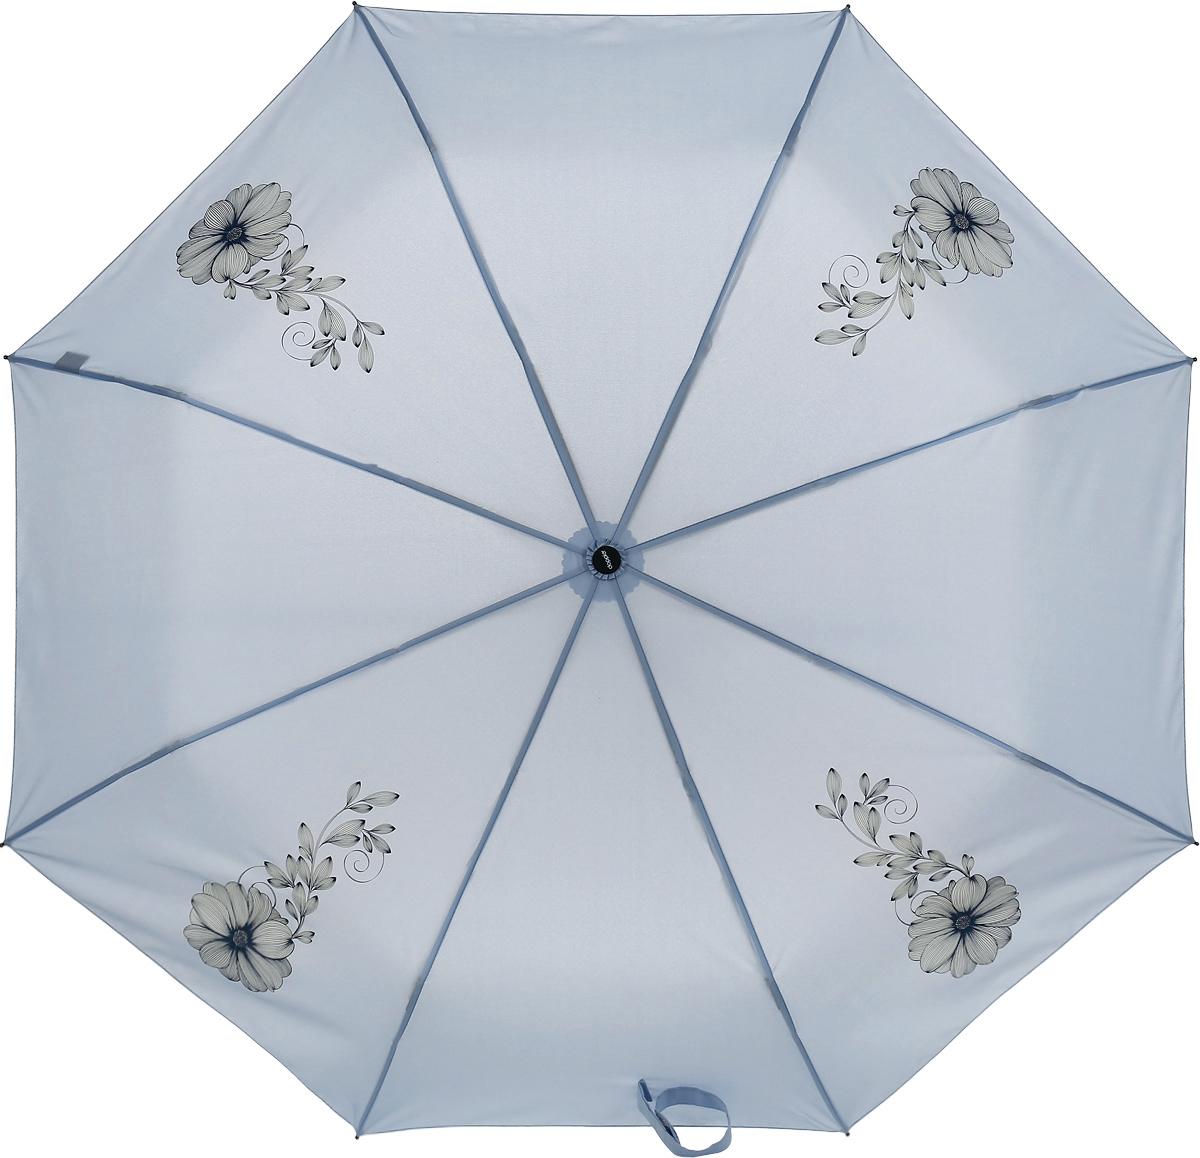 Doppler Зонт Flowers, 3 сложения, система антиветер, лакированная ручка. 7441465F blue7441465F blueЗонт Doppler, всемирно известный бренд, имеющий многолетнюю традицию.